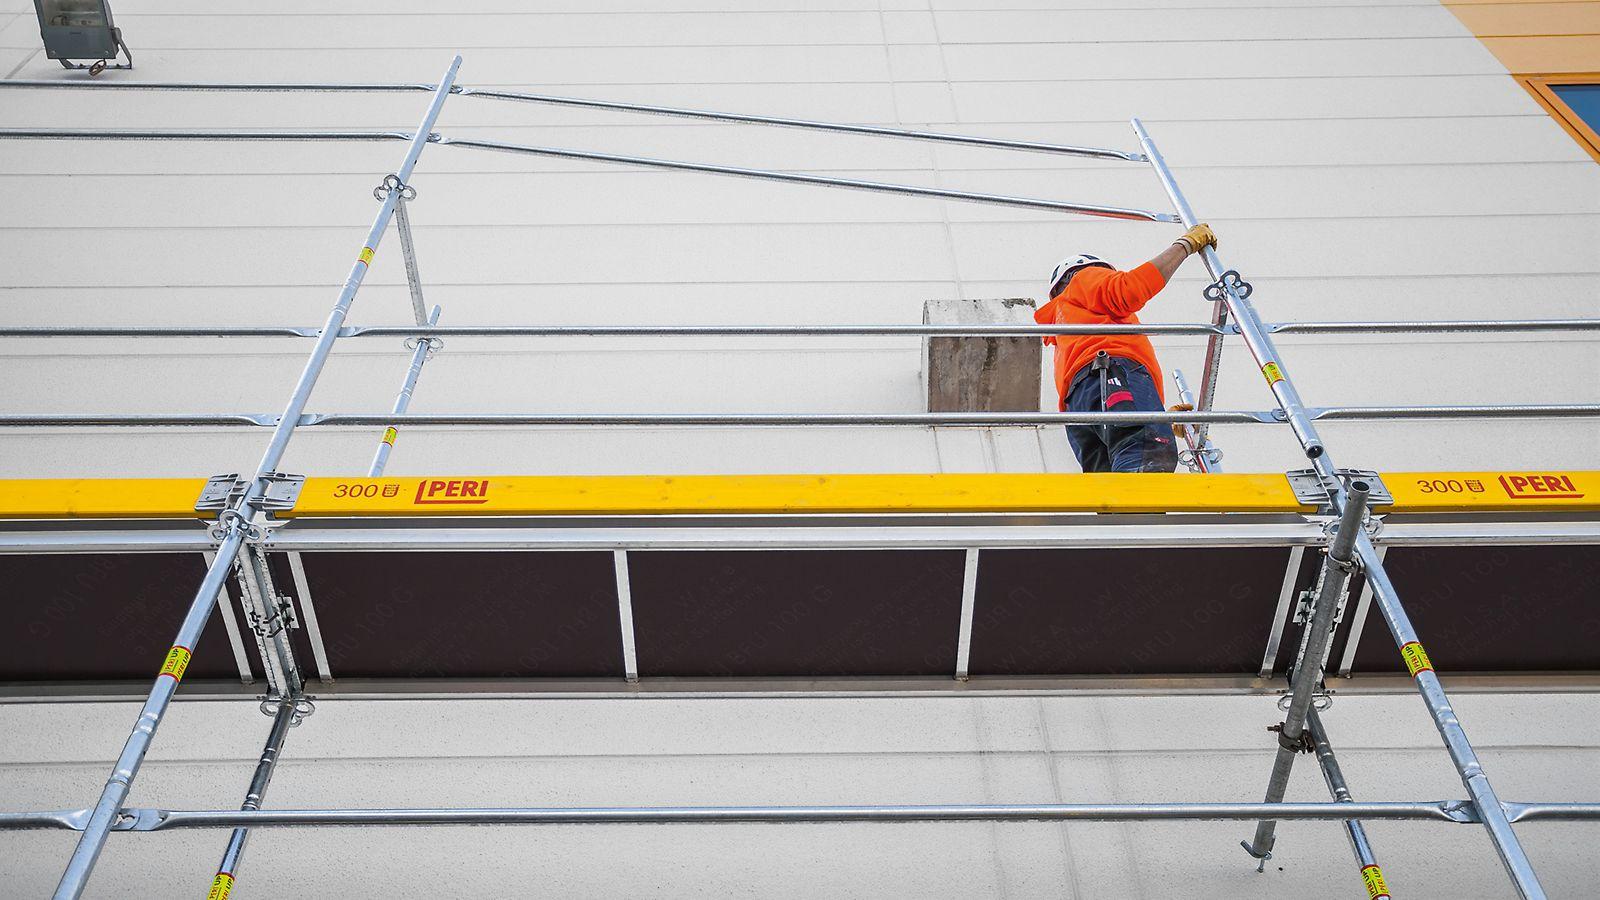 Wysokie bezpieczeństwo - ochrona przed upadkiem z wysokości dzięki montażu za pomocą zintegrowanej poręczy wyprzedzającej